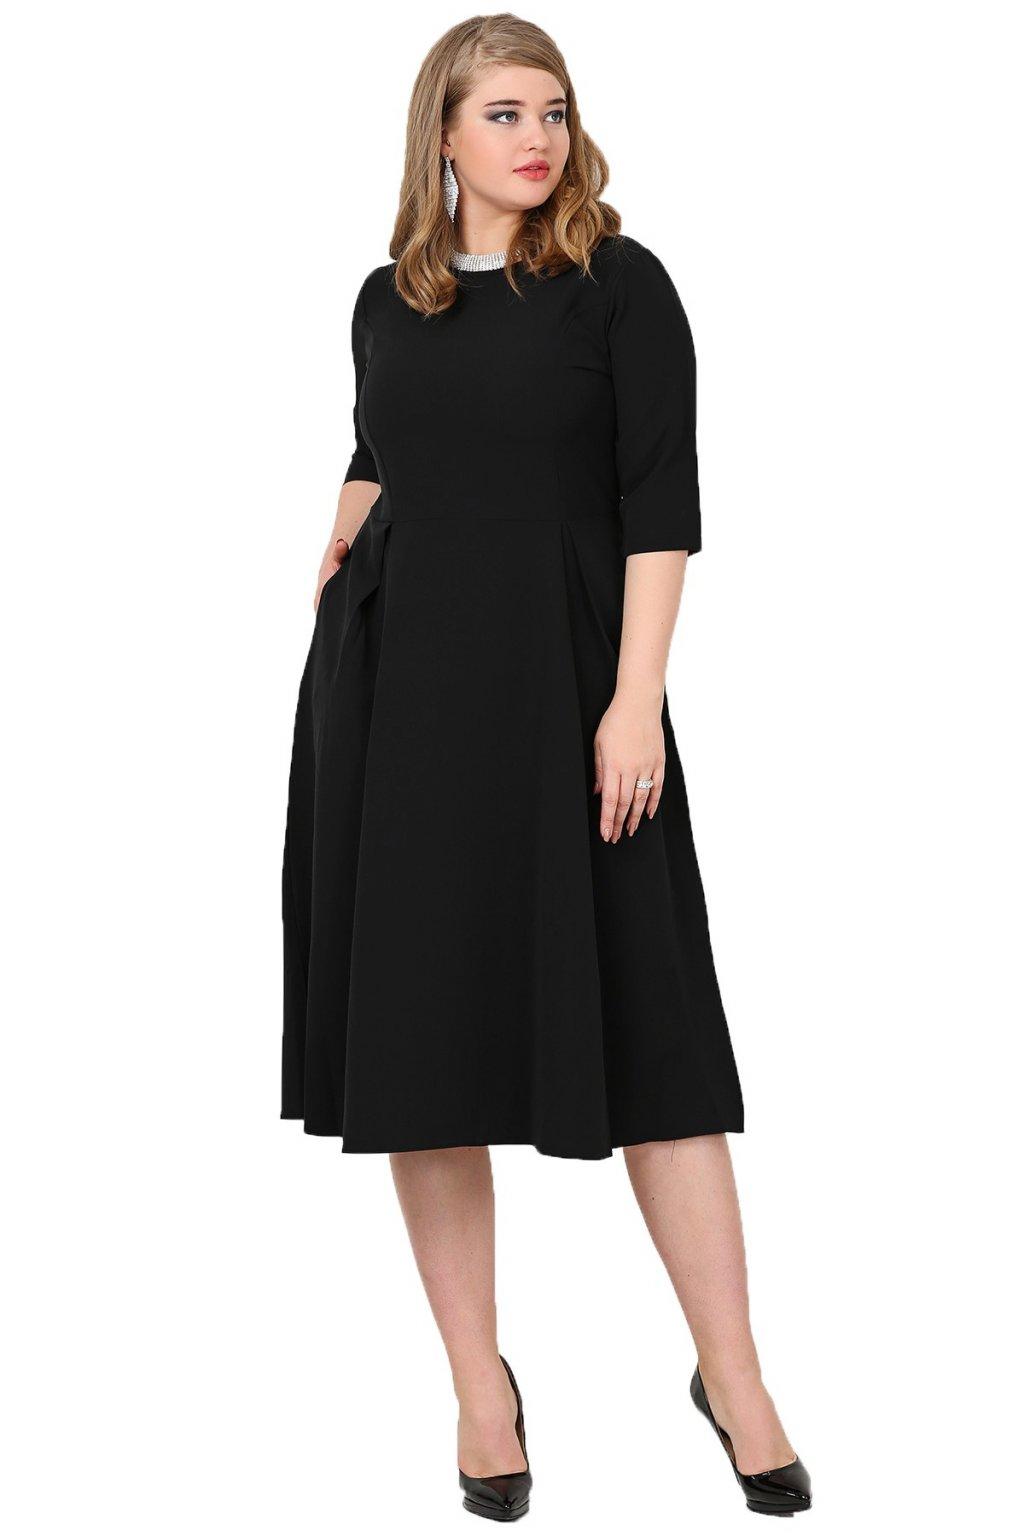 Dámské šaty Paola černá